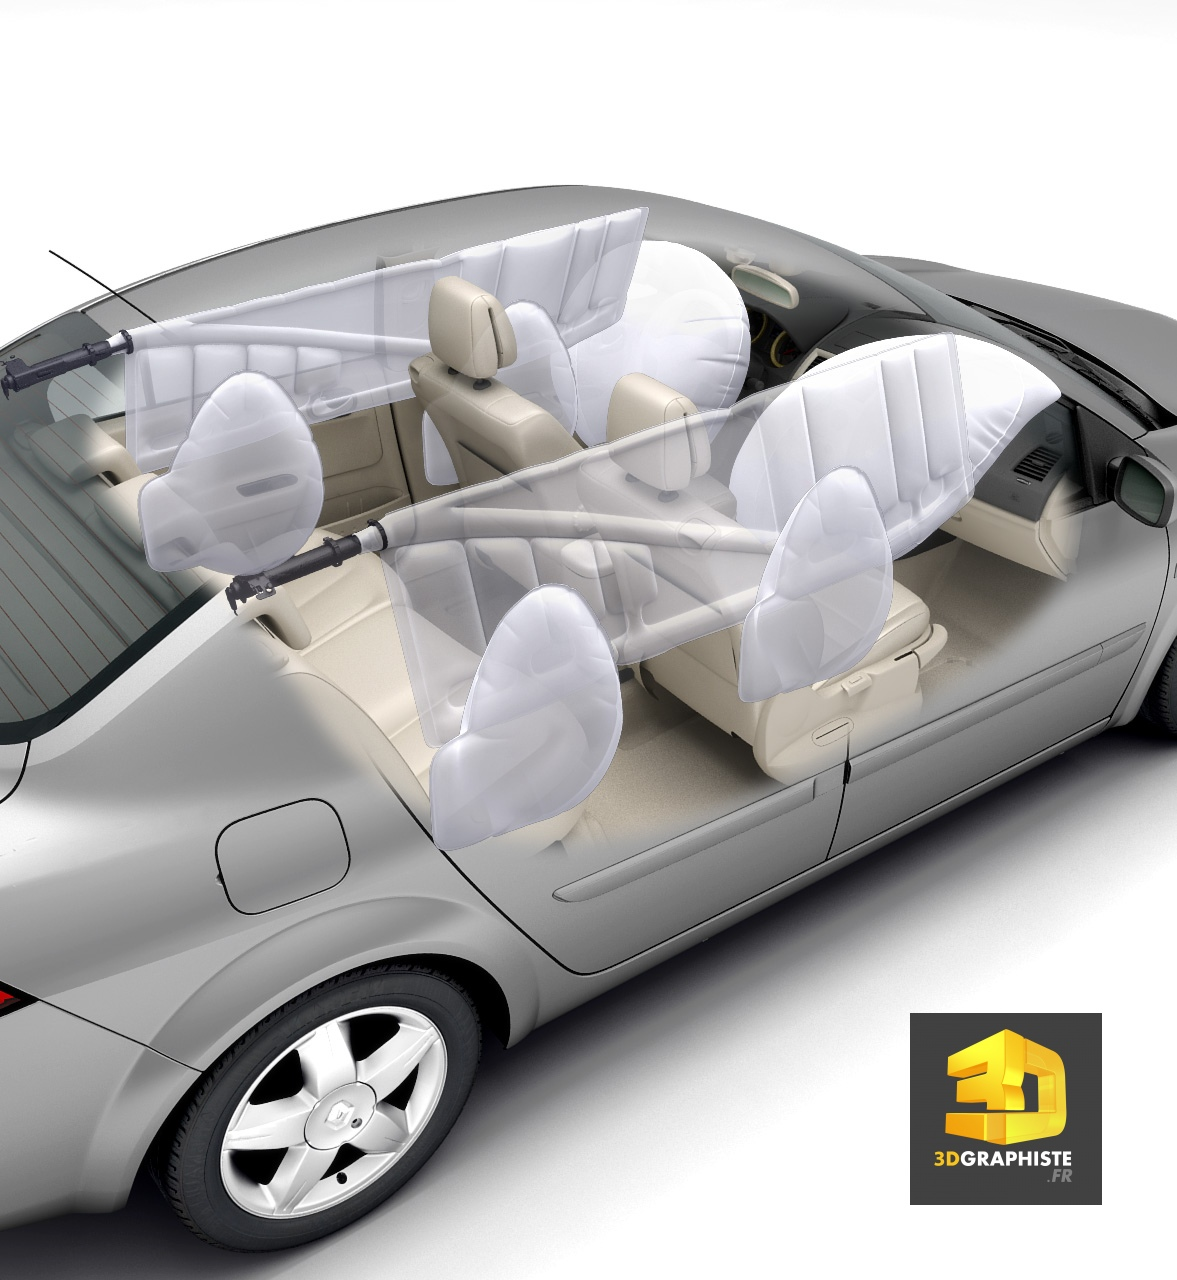 illustration technique 3d les airbags d 39 une voiture 3dgraphiste fr. Black Bedroom Furniture Sets. Home Design Ideas